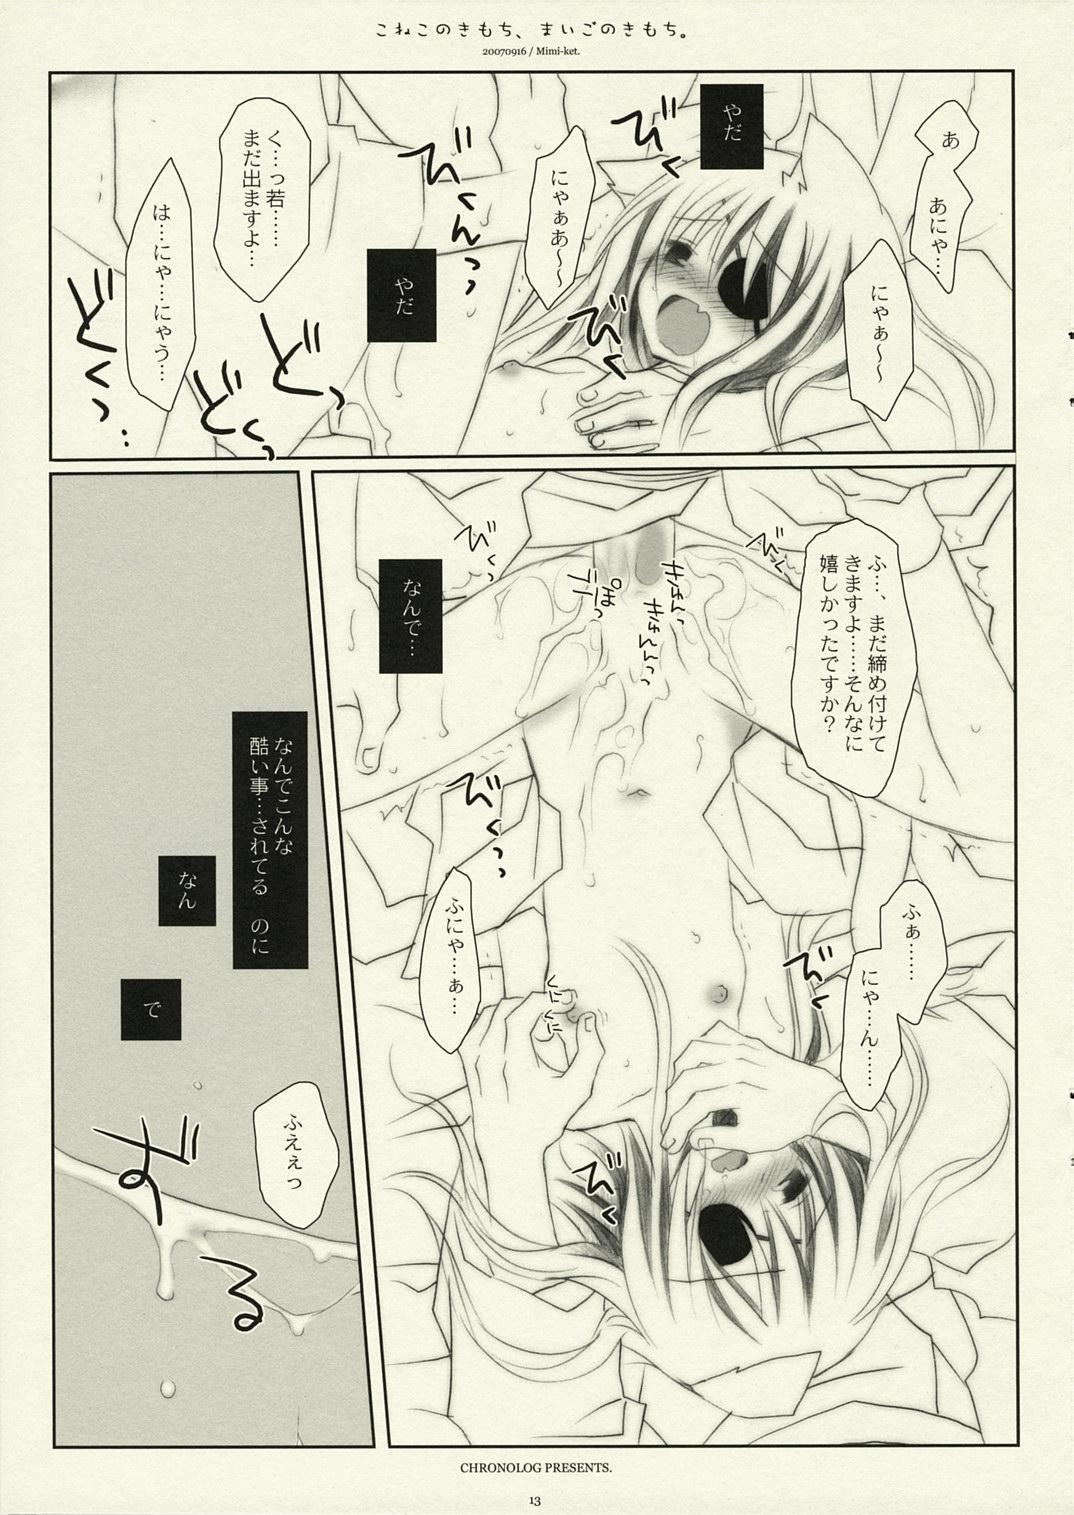 Koneko no Kimochi, Maigo no Kimochi. 11